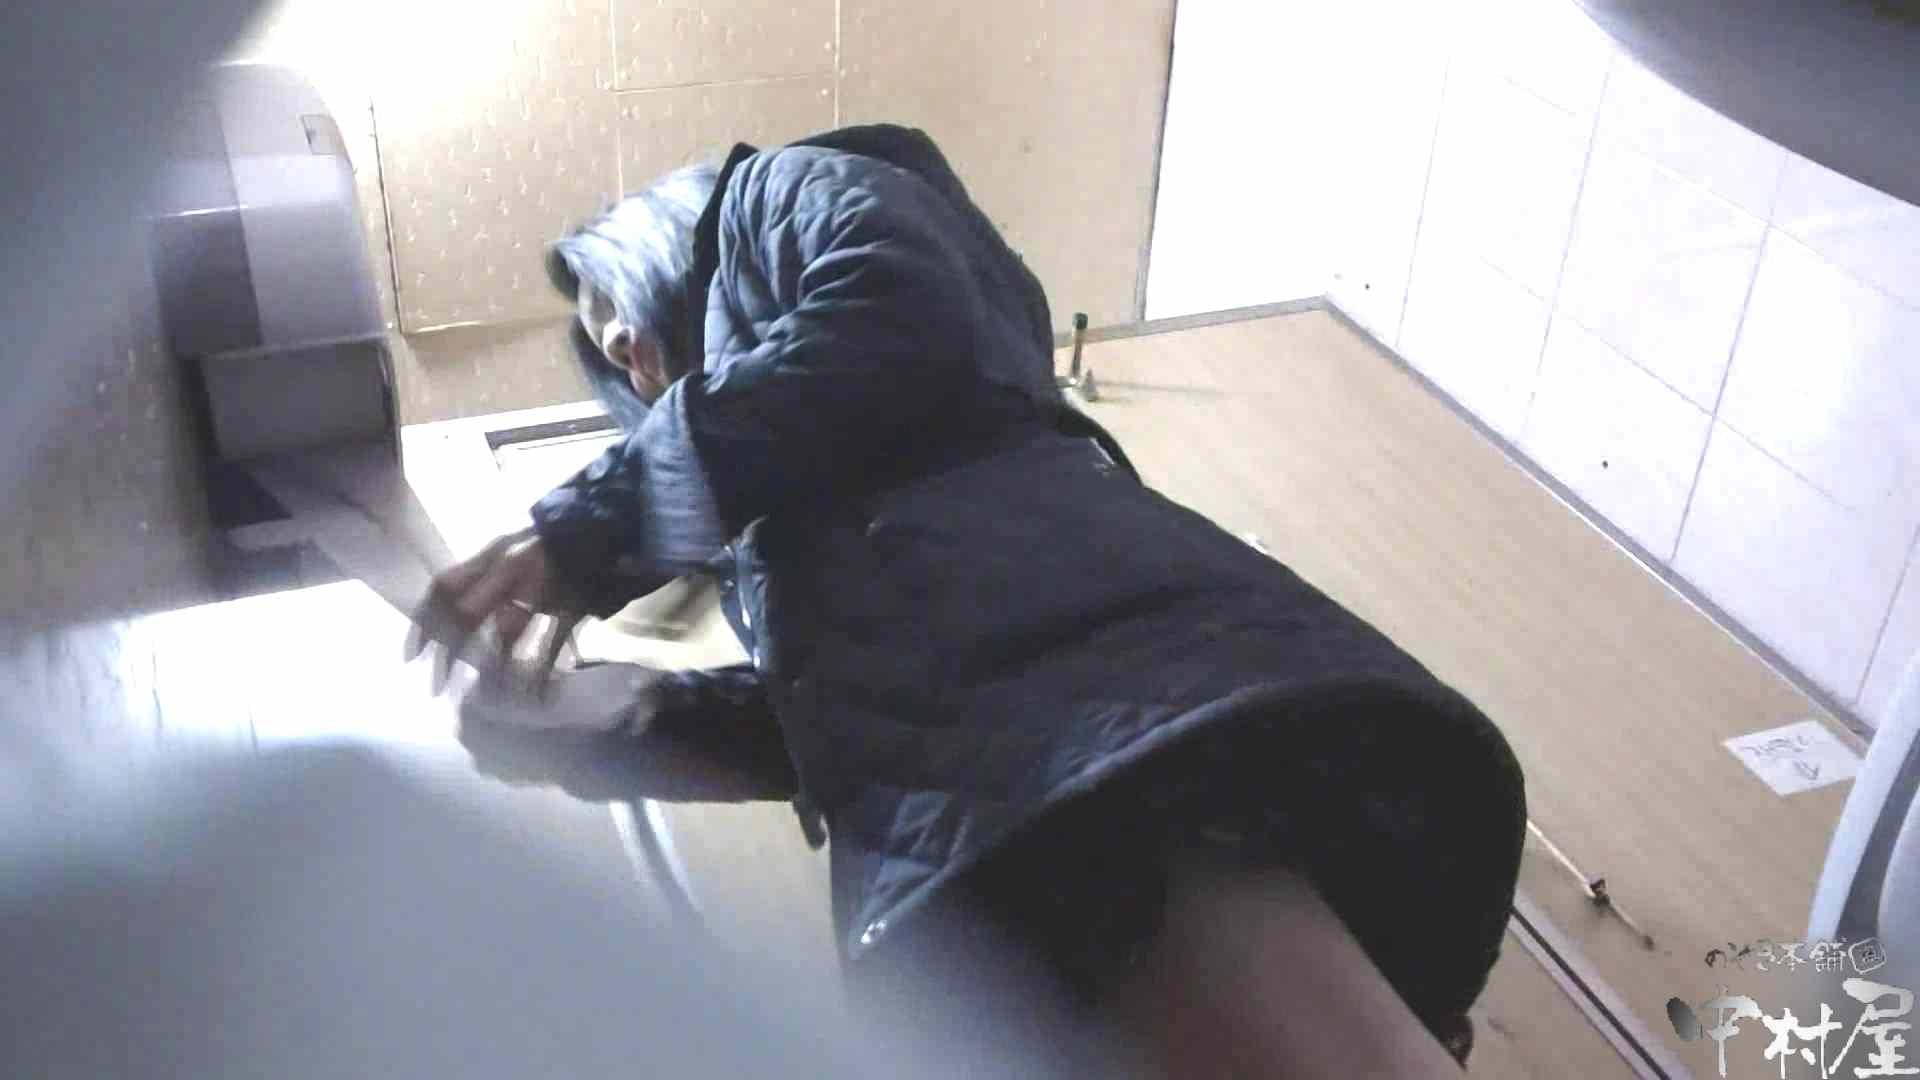 韓流トイレ盗撮vol.11 韓流 | 盗撮  63pic 6